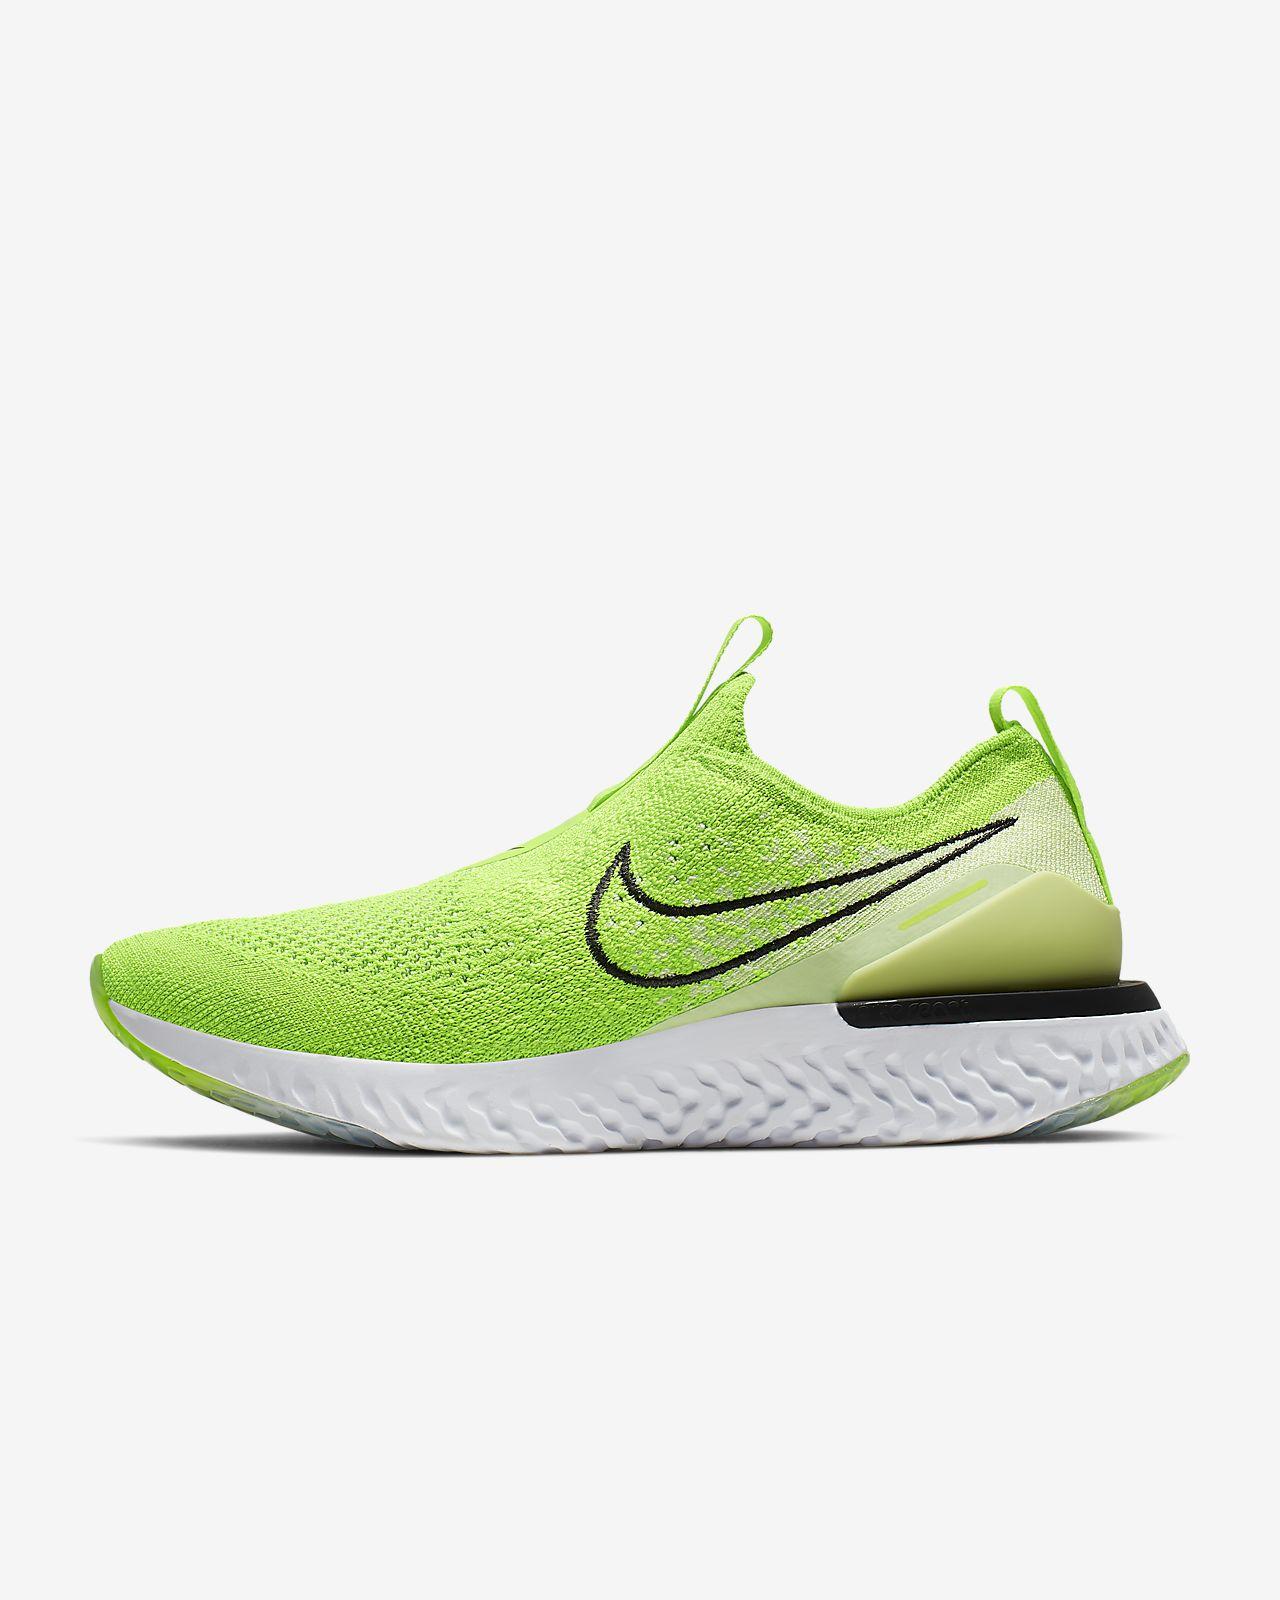 8d913b0398c7 Nike Epic Phantom React Flyknit Women's Running Shoe. Nike.com